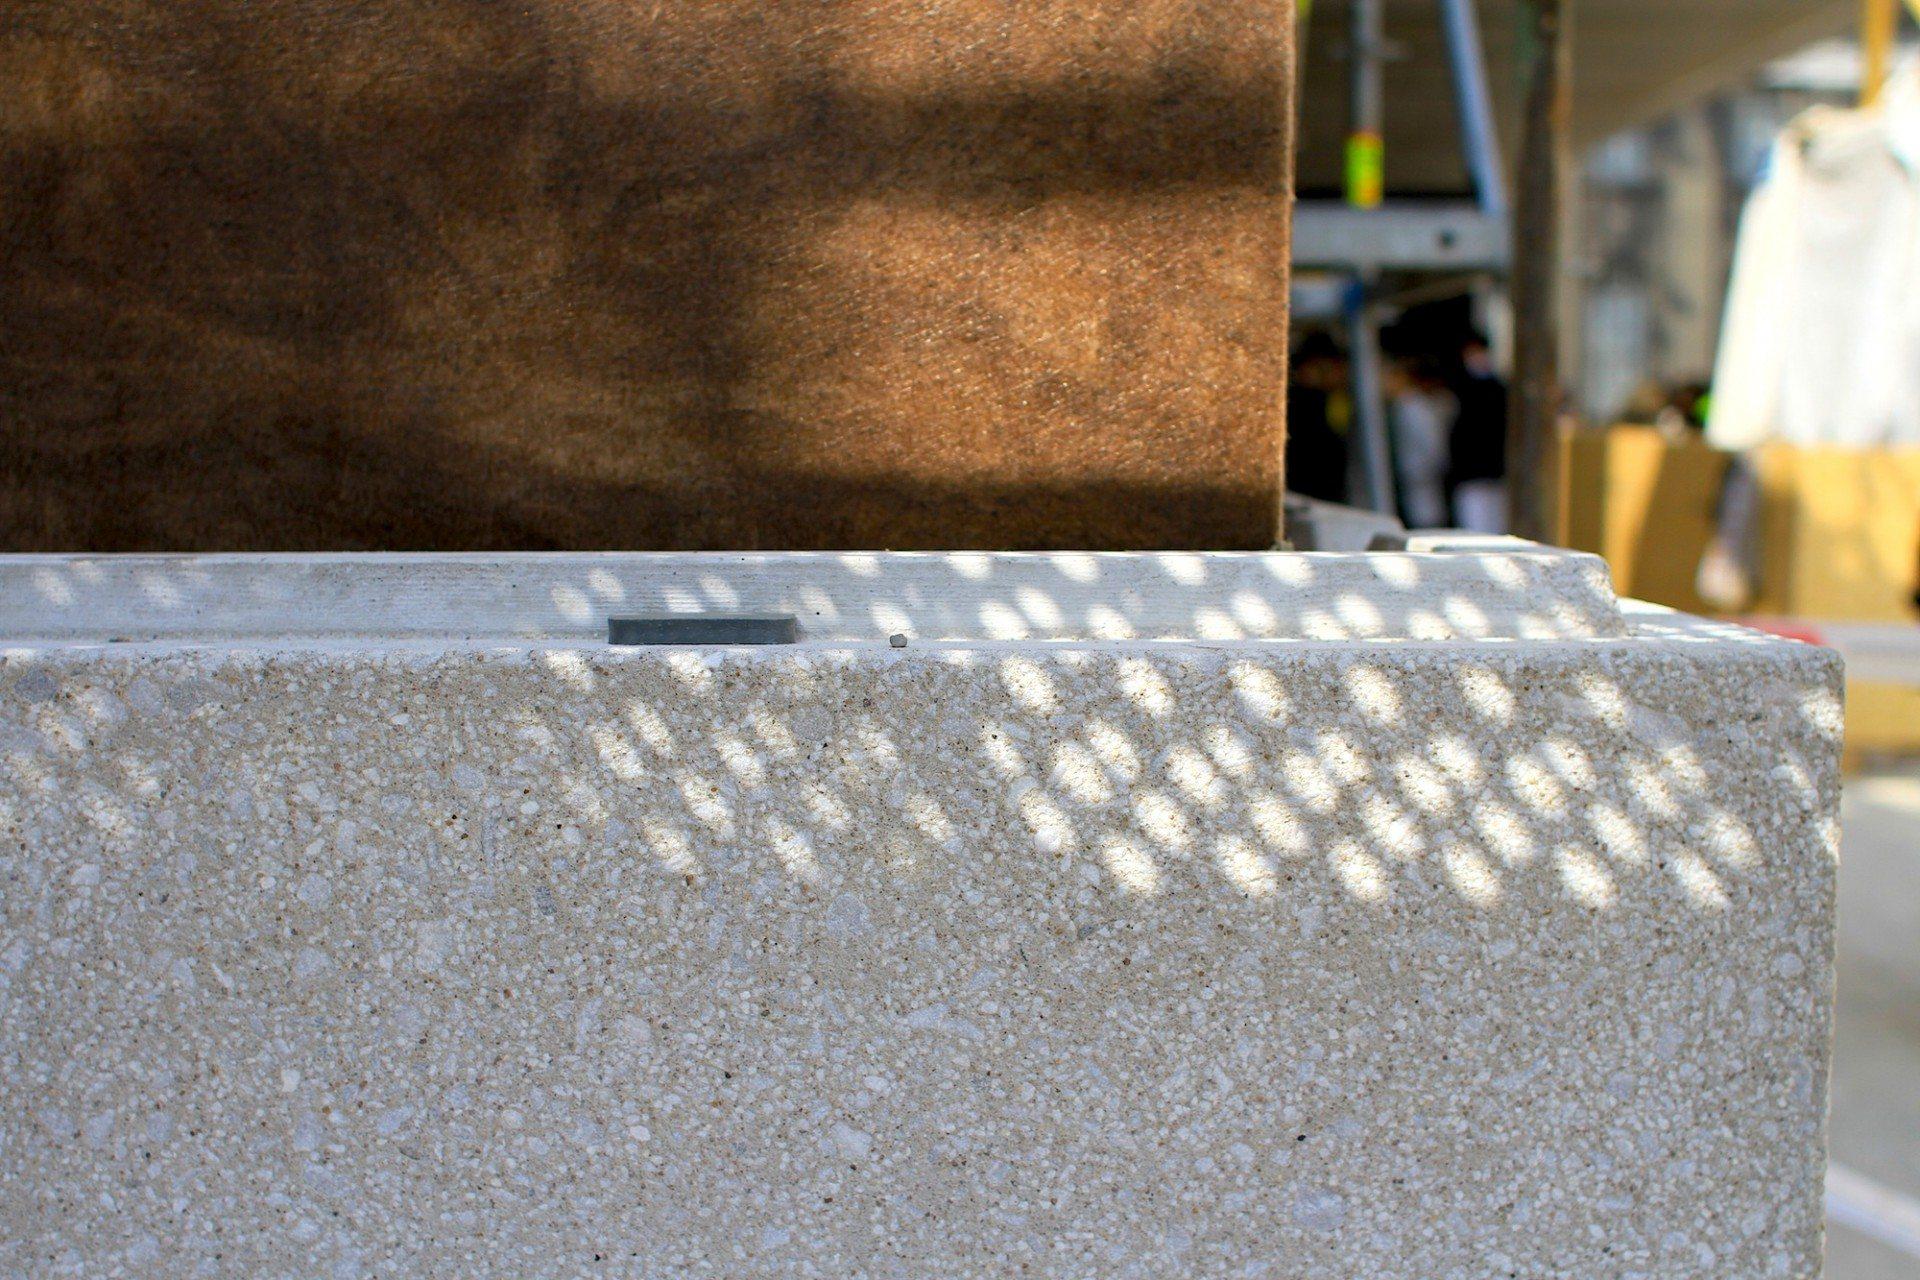 """Tonal. """"Die Natursteinzuschläge im Betonwerkstein binden die James-Simon-Galerie tonal in die Materialvielfalt der Kalkstein-, Sandstein- und Putzfassaden der Museumsinsel ein"""". Erklärung David Chipperfield Architects"""